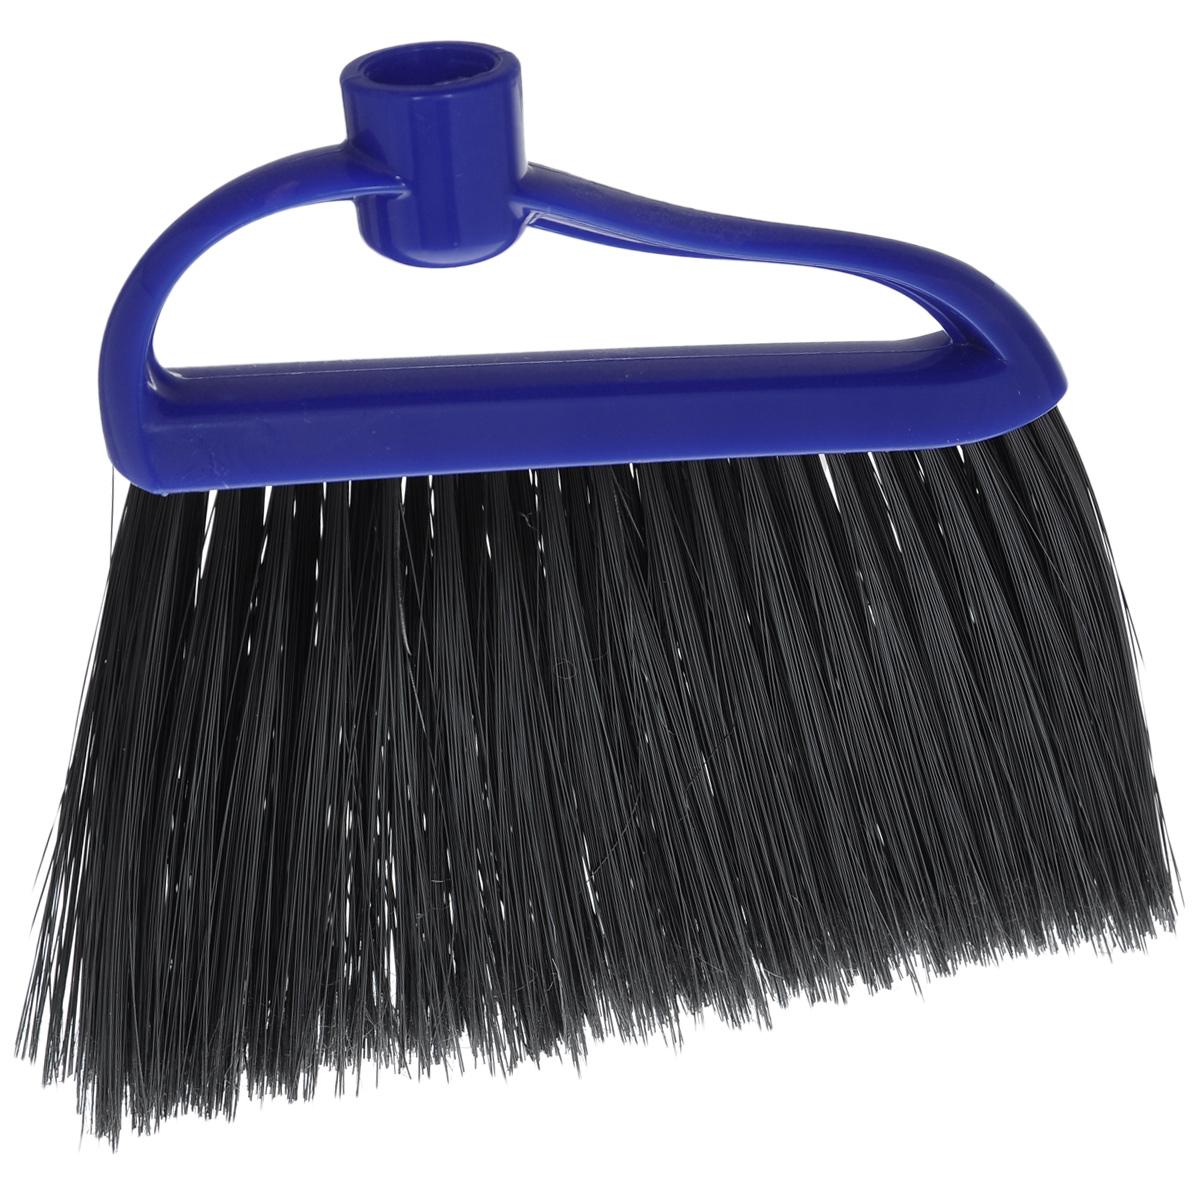 Щетка-метелка для пола Альтернатива, мягкая, без черенка, цвет: синий, черныйМ934_синийЩетка Альтернатива выполнена из прочного пластика, ворс из полимера. Она предназначена для уборки сухого мусора. Мягкий ворс щетки позволяет собрать мусор из самых труднодоступных мест. Длина ворса: 13,5 см.